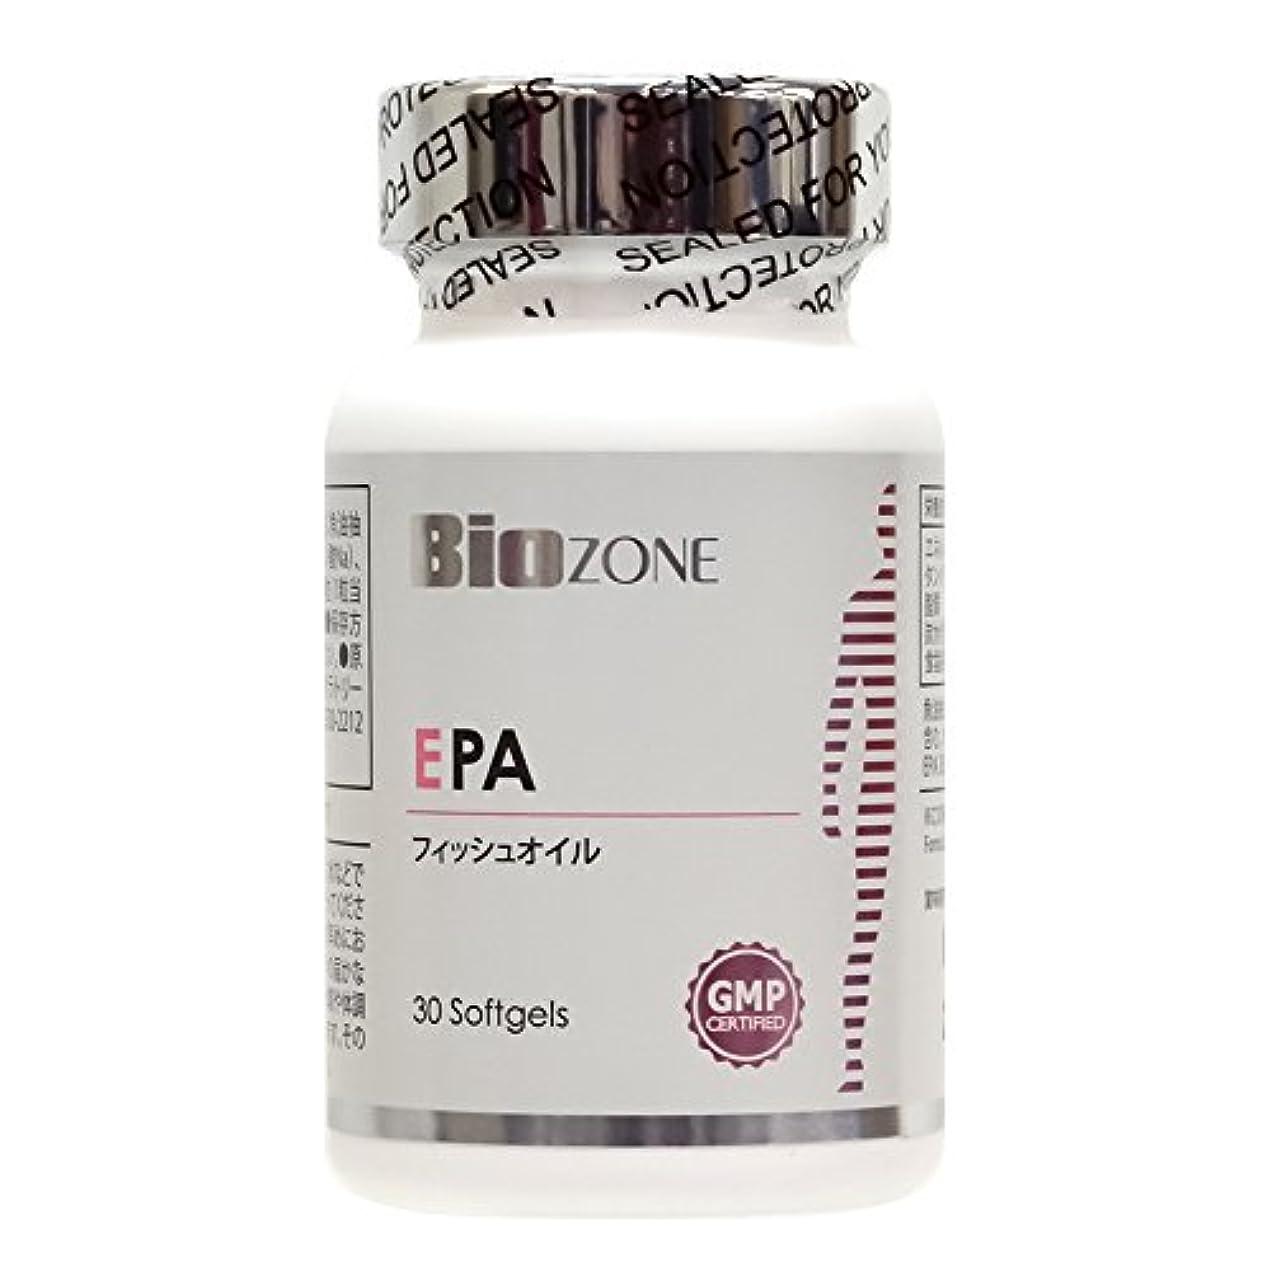 シットコム振るフィールドダグラスラボラトリーズ バイオゾーン(BioZONE) サプリメント EPA 30粒 30日分